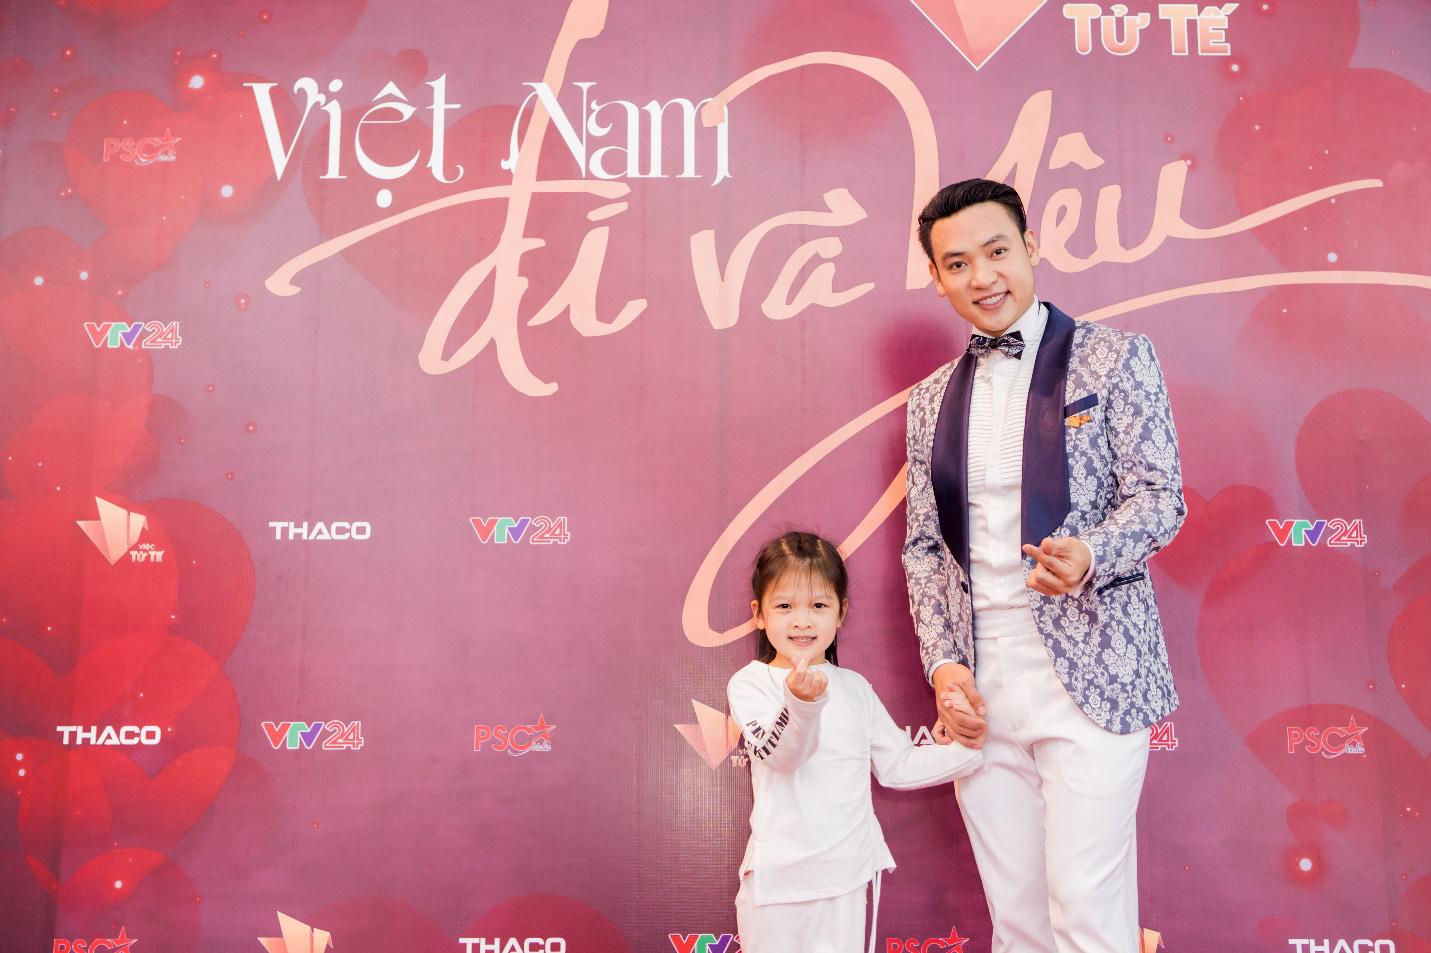 """Dàn sao VTV xúc động nghẹn ngào tại Gala Việc tử tế: """"Cho yêu thương, nhận yêu thương"""" - Ảnh 4."""